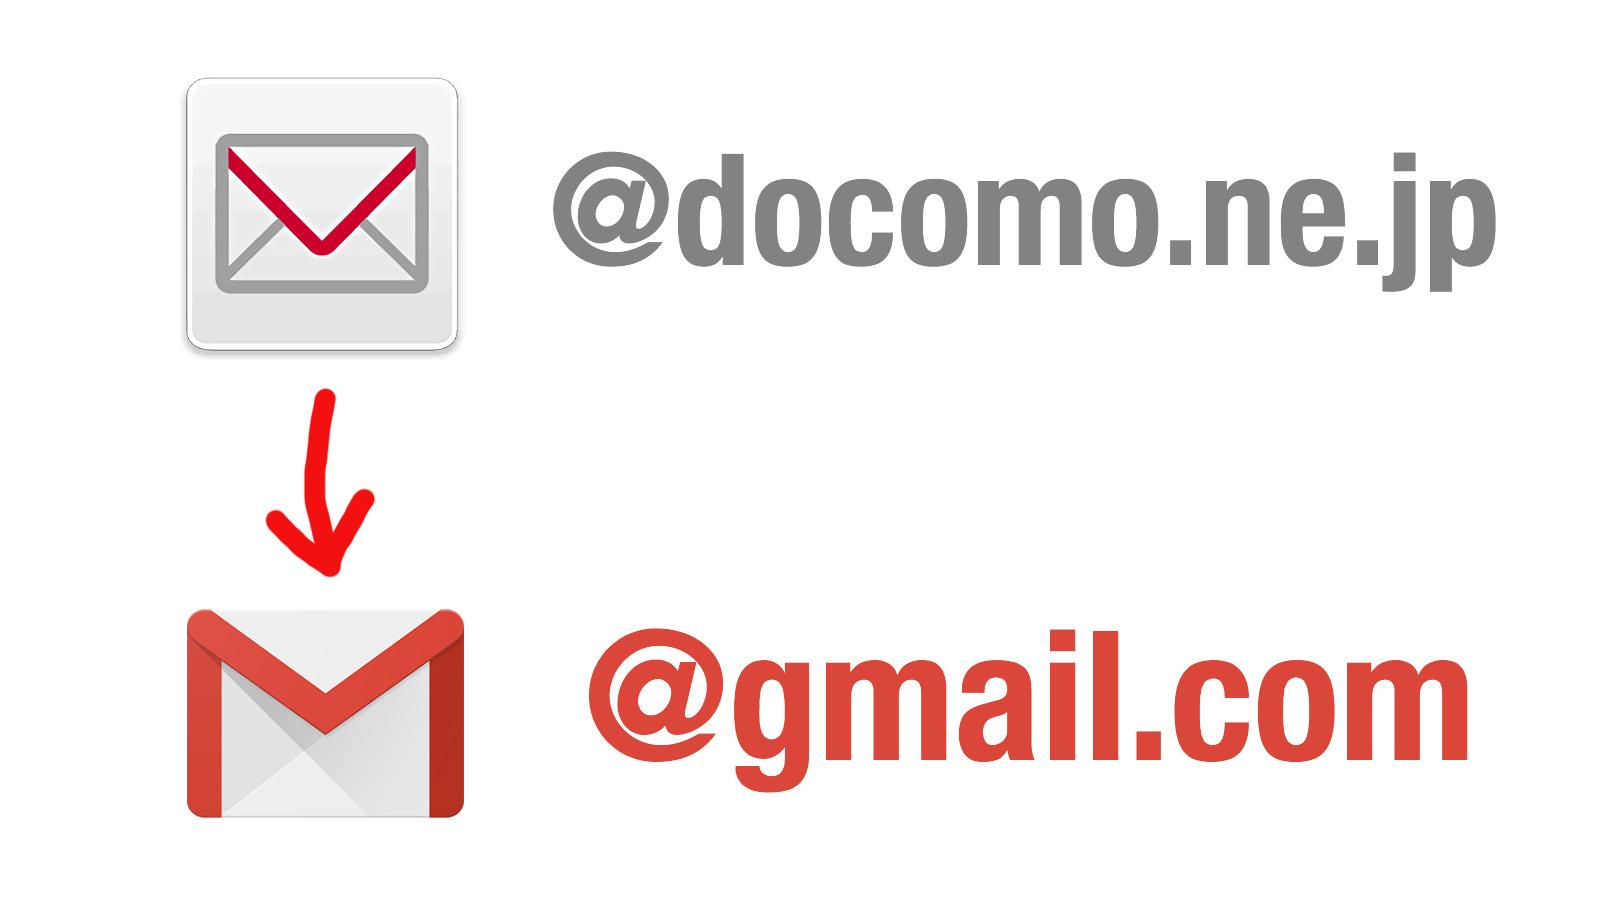 キャリアメールが使えないのでGmailを使おう